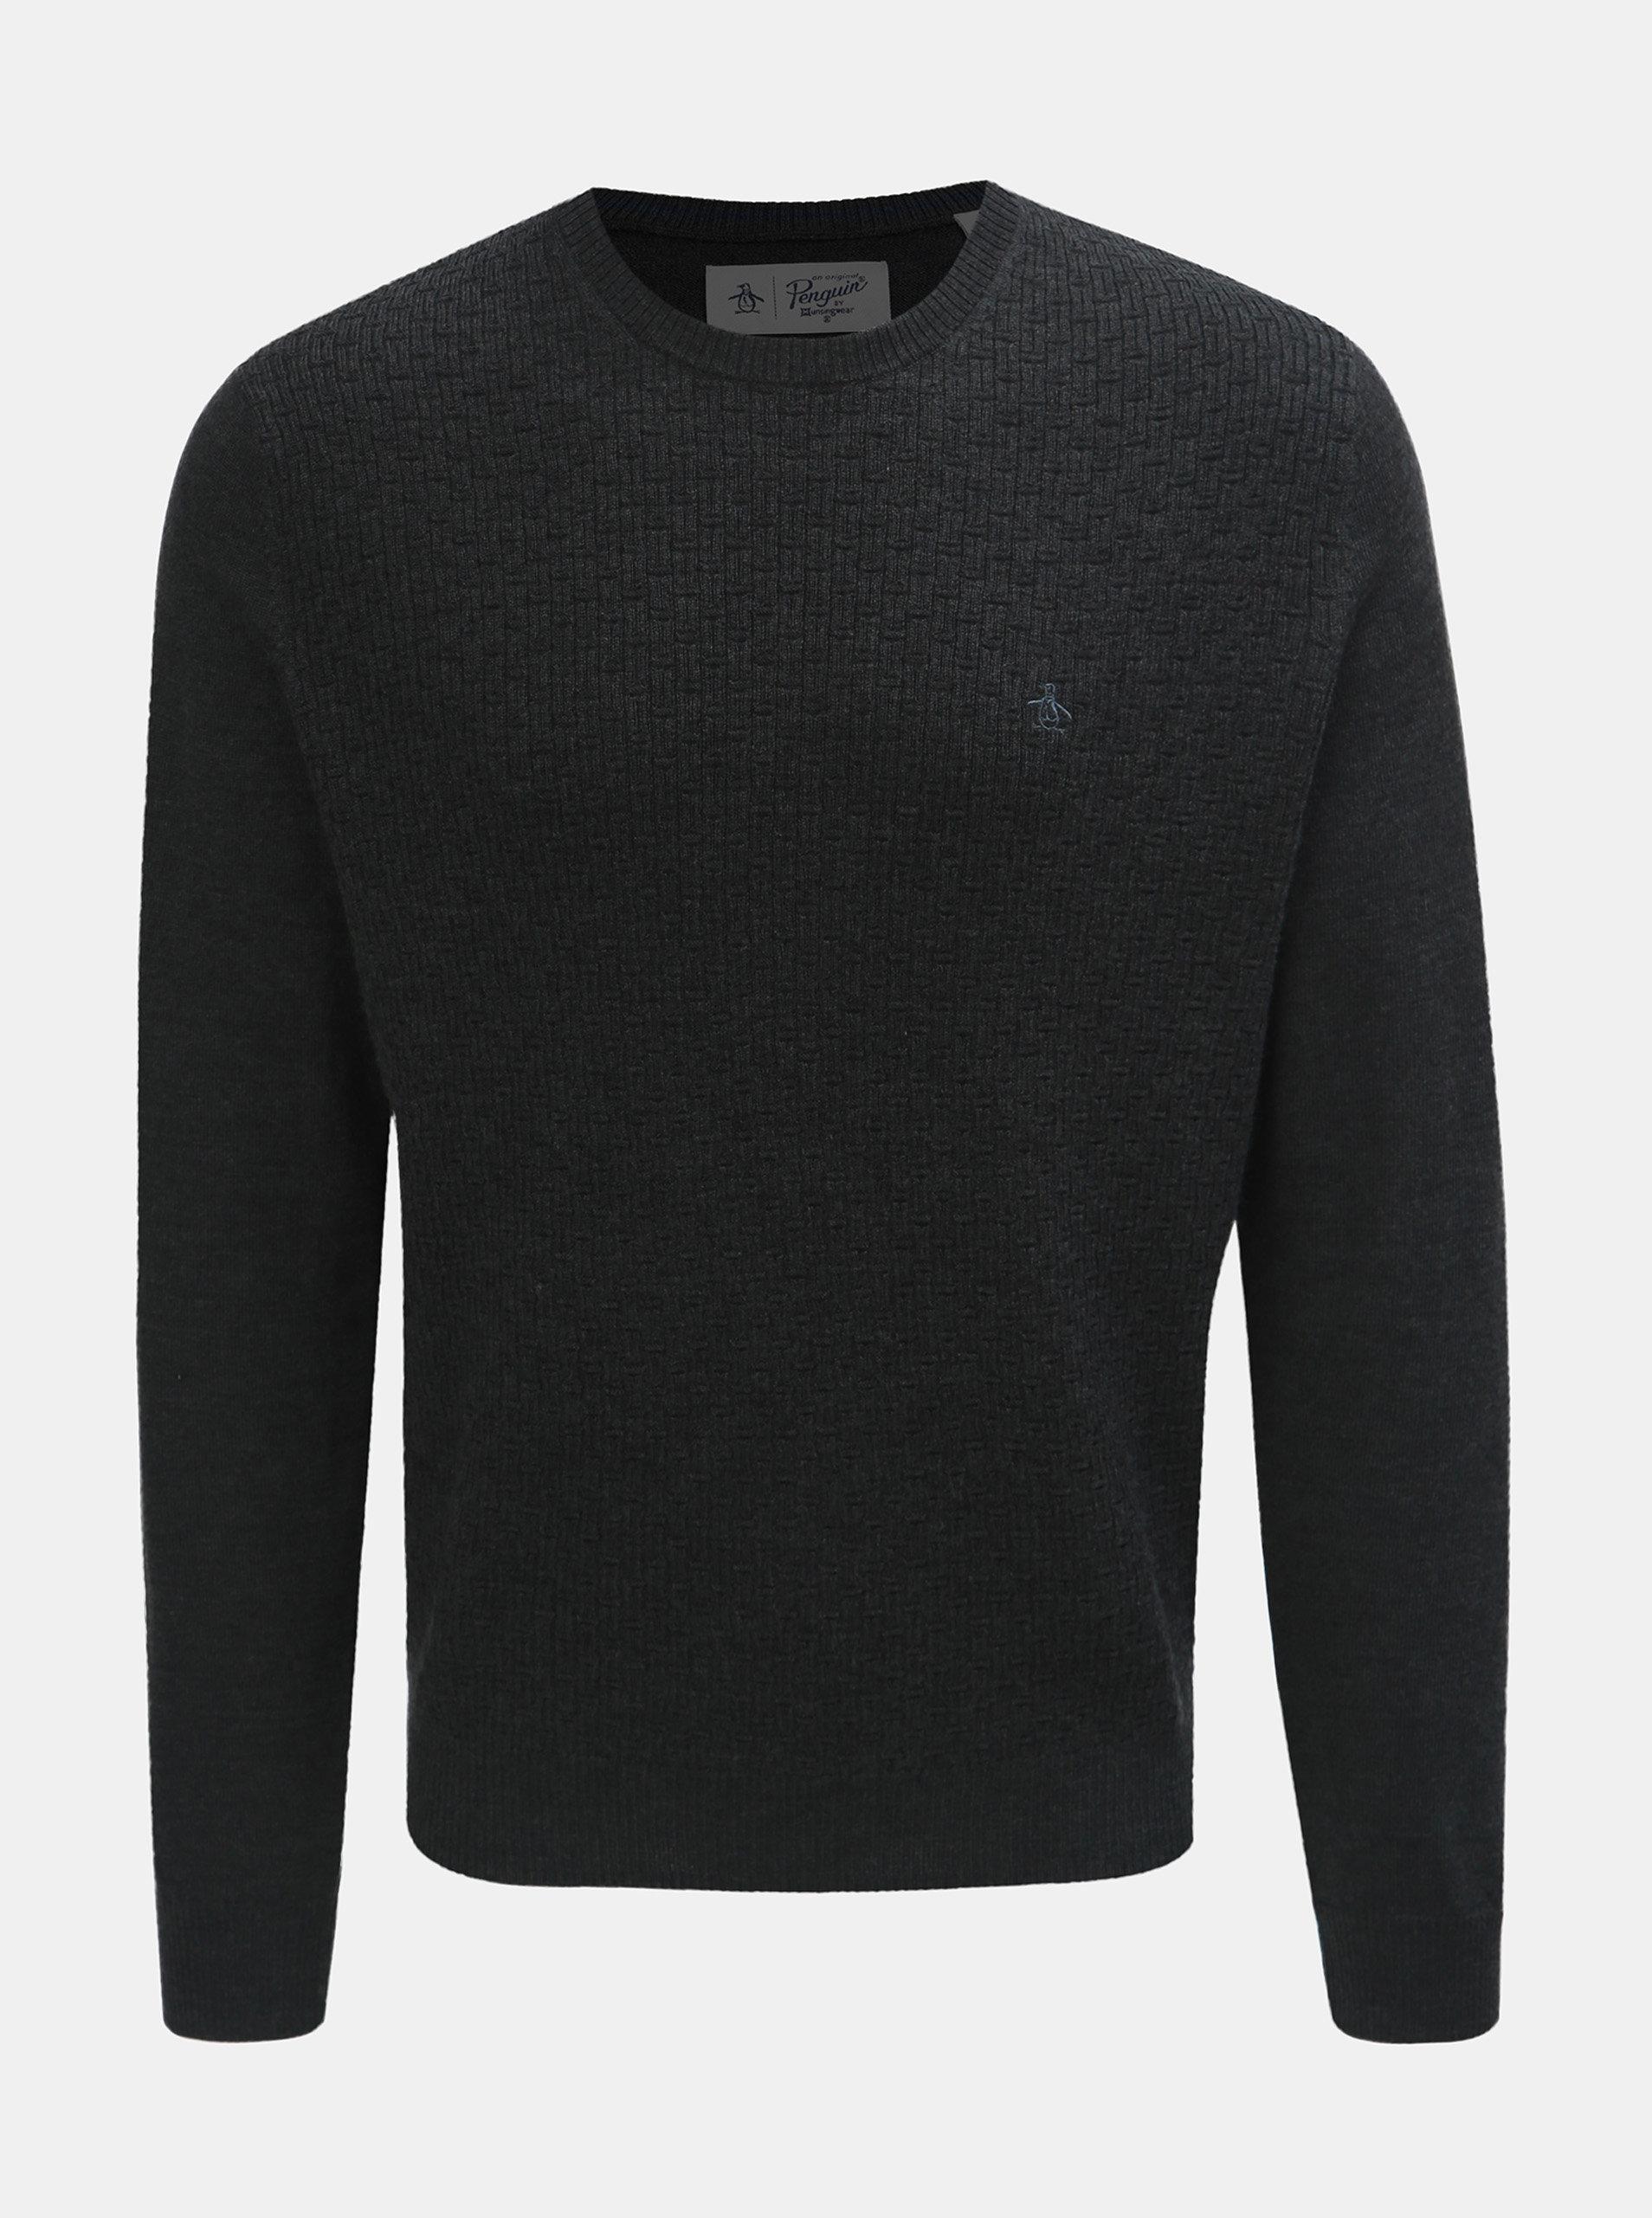 36aa0ae5c443 Tmavosivý sveter z Merino vlny Original Penguin ...